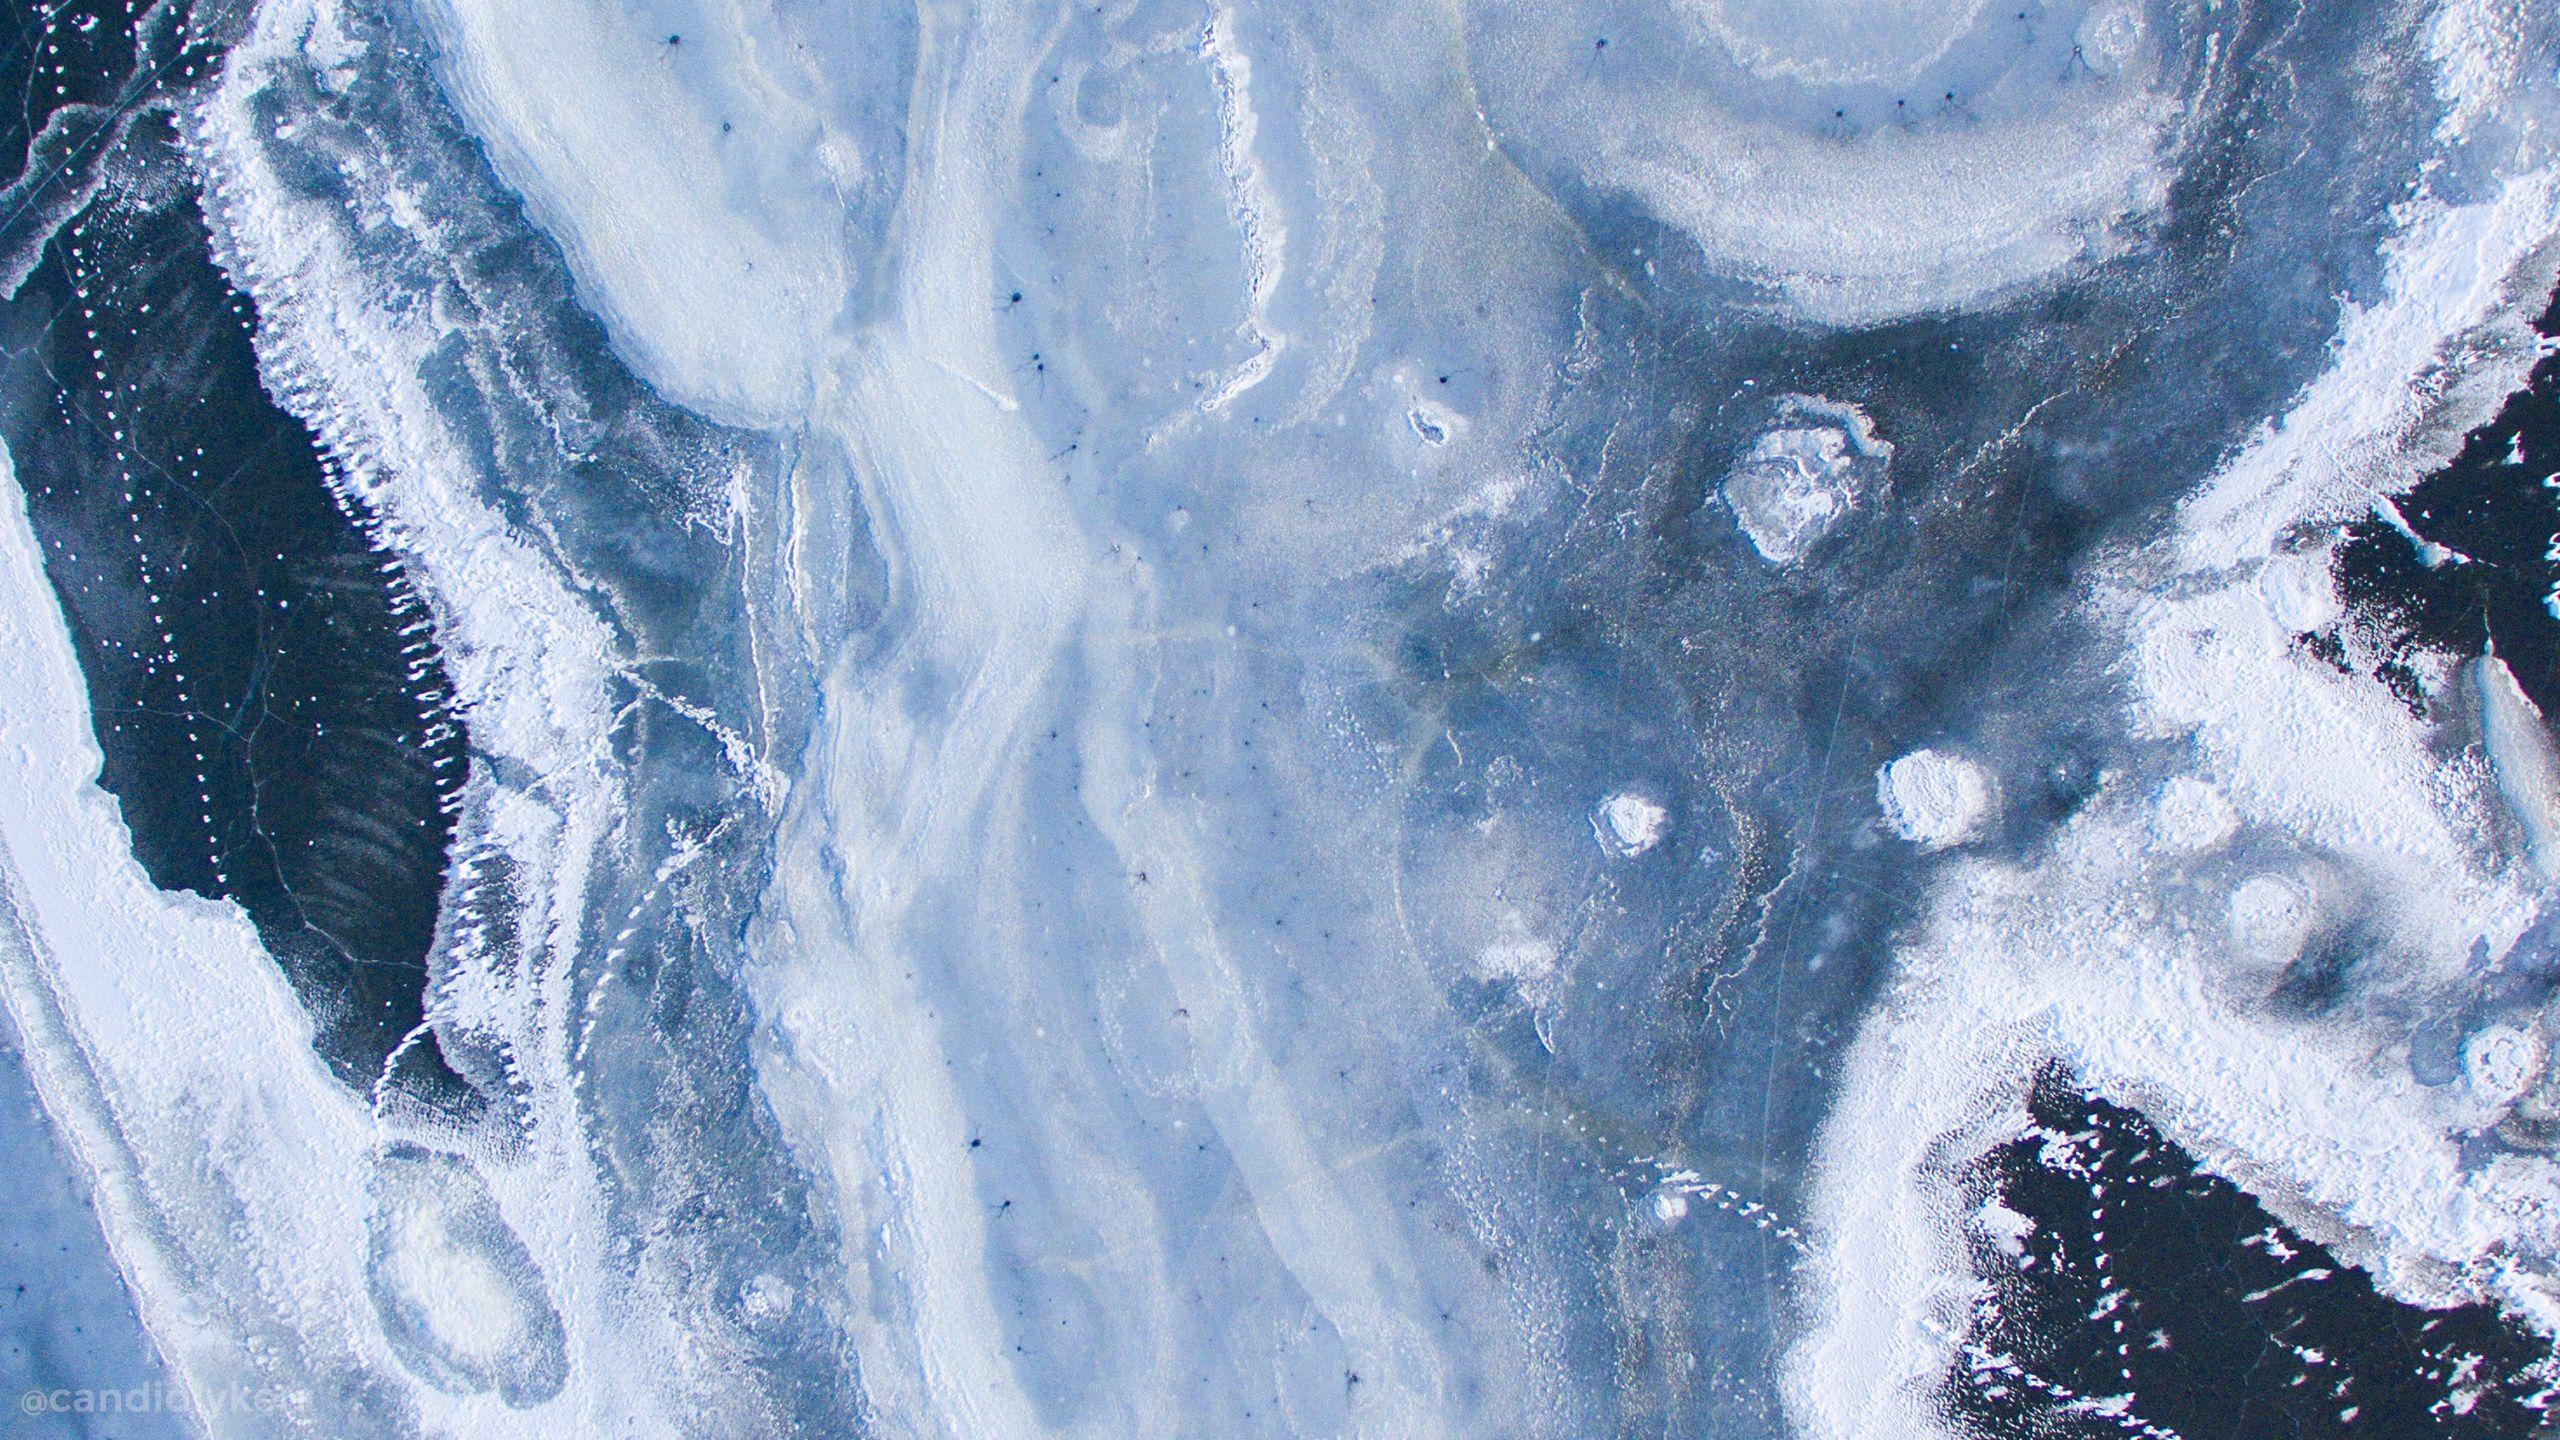 Great Wallpaper Mac Artsy - 15bd2ea82f0978e1a3a4ac6c73c95910  Photograph_508619.jpg